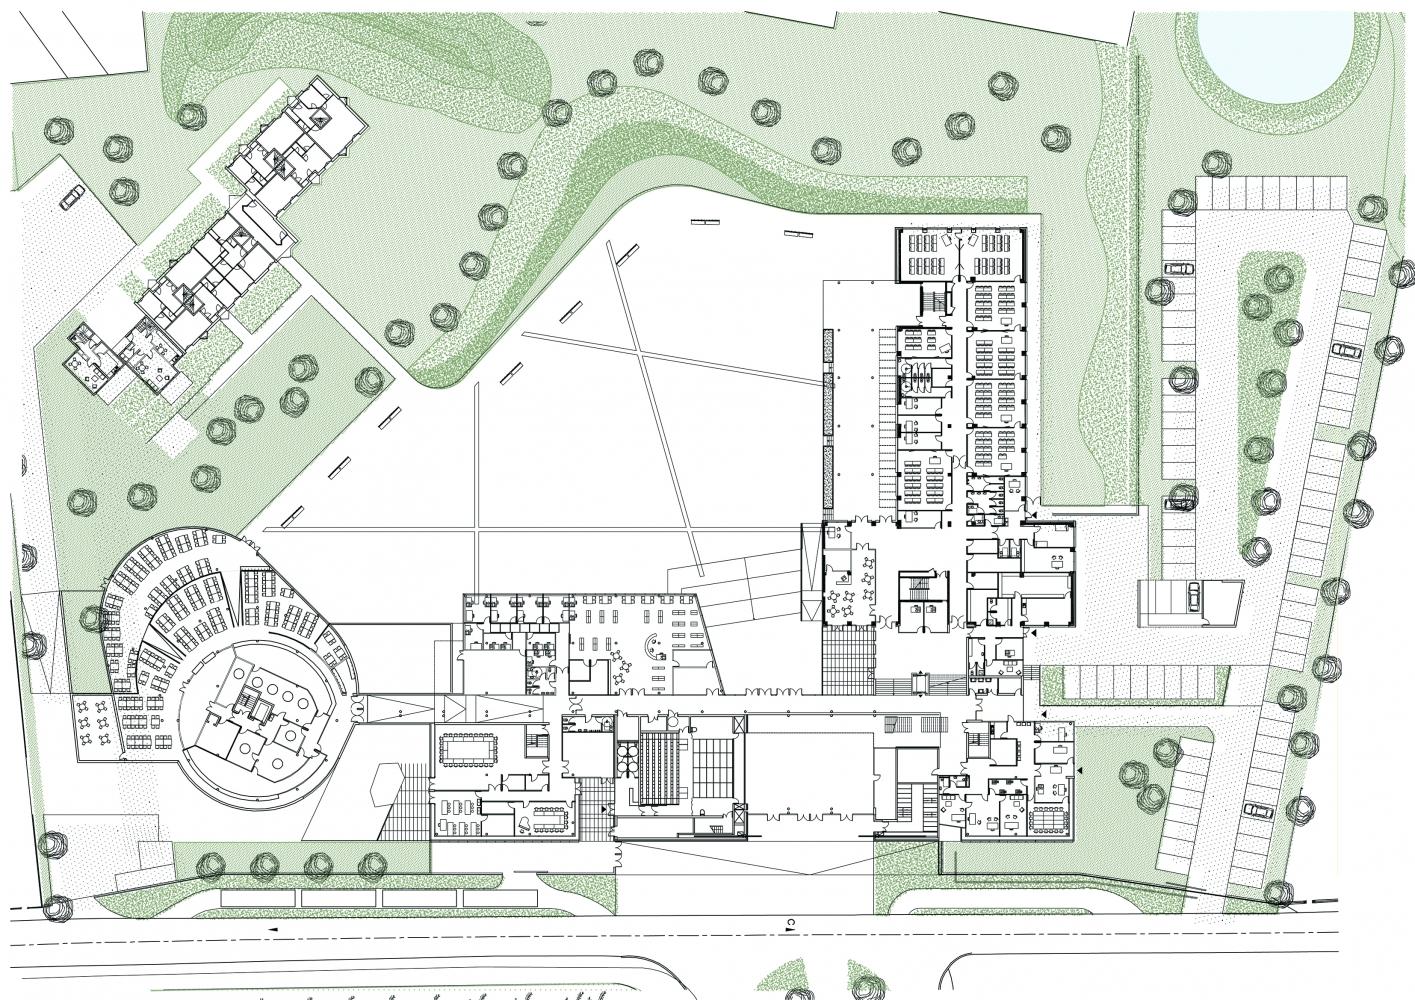 04-arpajon-img-004 Pascale SEURIN Architecte - Enseignement